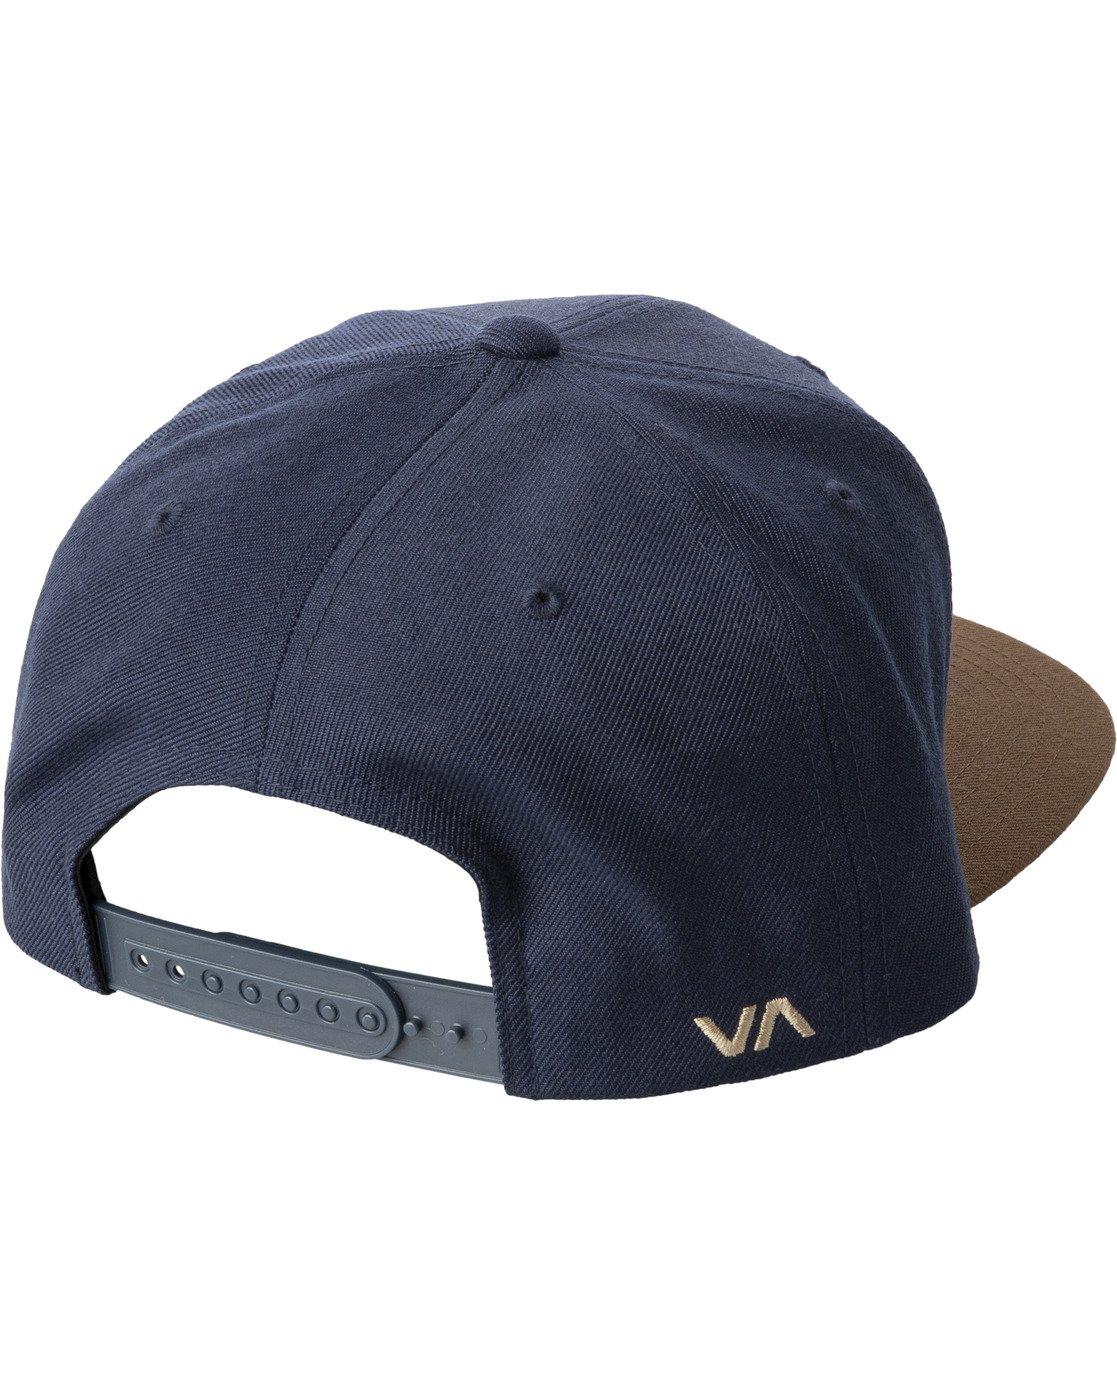 1 RVCA TWILL II SNAPBACK HAT Black MAAHWRSB RVCA